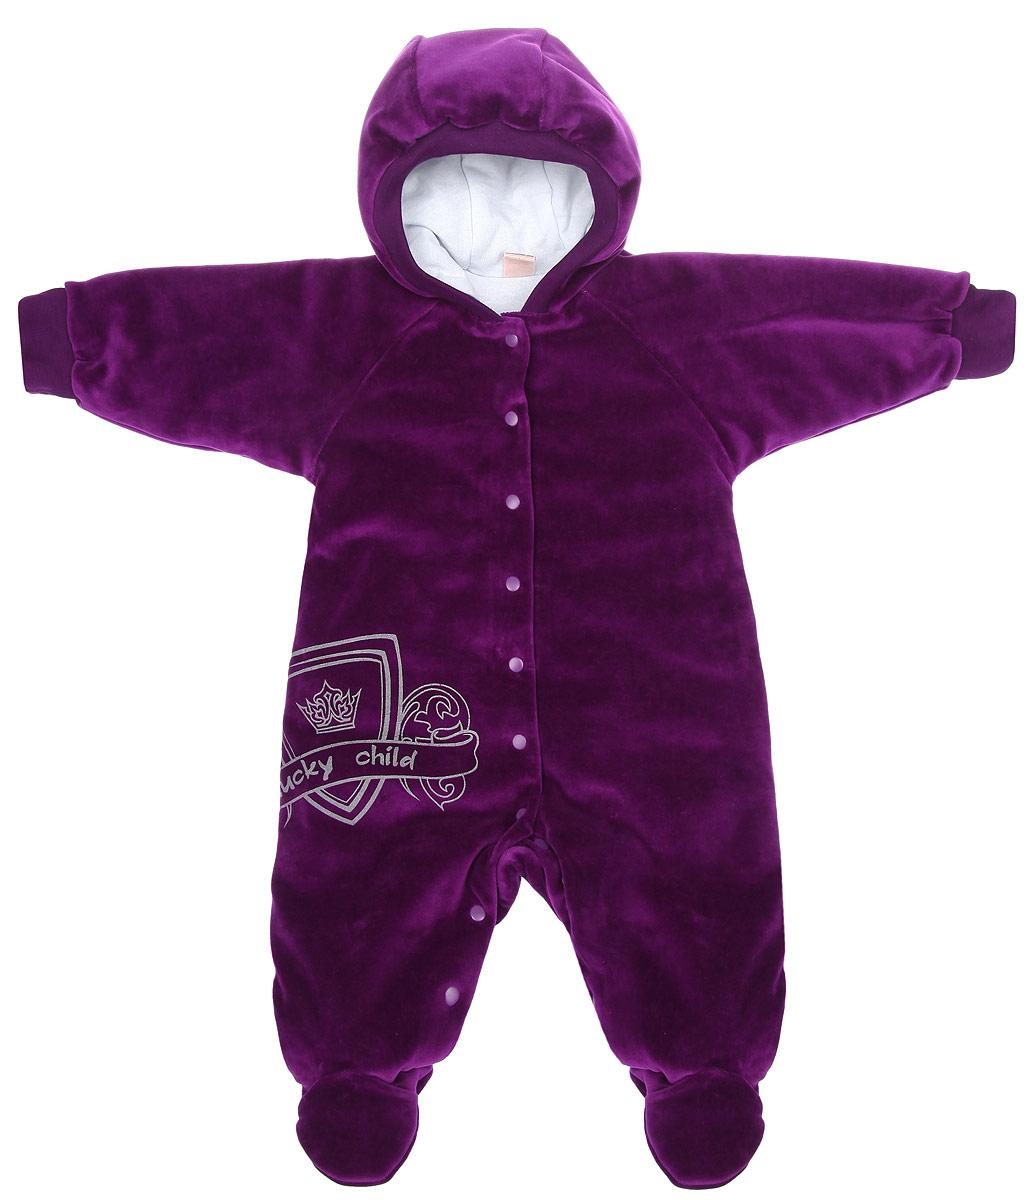 Комбинезон детский Lucky Child, цвет: фиолетовый, белый. 5-1. Размер 80/865-1Детский комбинезон Lucky Child - очень удобный и практичный вид одежды для малышей. Комбинезон выполнен из велюра на подкладке из натурального хлопка, благодаря чему он необычайно мягкий и приятный на ощупь, не раздражают нежную кожу ребенка и хорошо вентилируются, а эластичные швы приятны телу младенца и не препятствуют его движениям. В качестве утеплителя используется синтепон. Комбинезон с капюшоном, длинными рукавами-реглан и закрытыми ножками по центру застегивается на металлические застежки-кнопки, также имеются застежки-кнопки на ластовице, что помогает с легкостью переодеть младенца или сменить подгузник. Капюшон по краю дополнен широкой трикотажной резинкой. Рукава понизу дополнены широкими эластичными манжетами, которые мягко обхватывают запястья. Спереди изделие оформлено оригинальным принтом в виде логотипа бренда. С детским комбинезоном Lucky Child спинка и ножки вашего малыша всегда будут в тепле. Комбинезон полностью соответствует особенностям жизни младенца в ранний период, не стесняя и не ограничивая его в движениях!